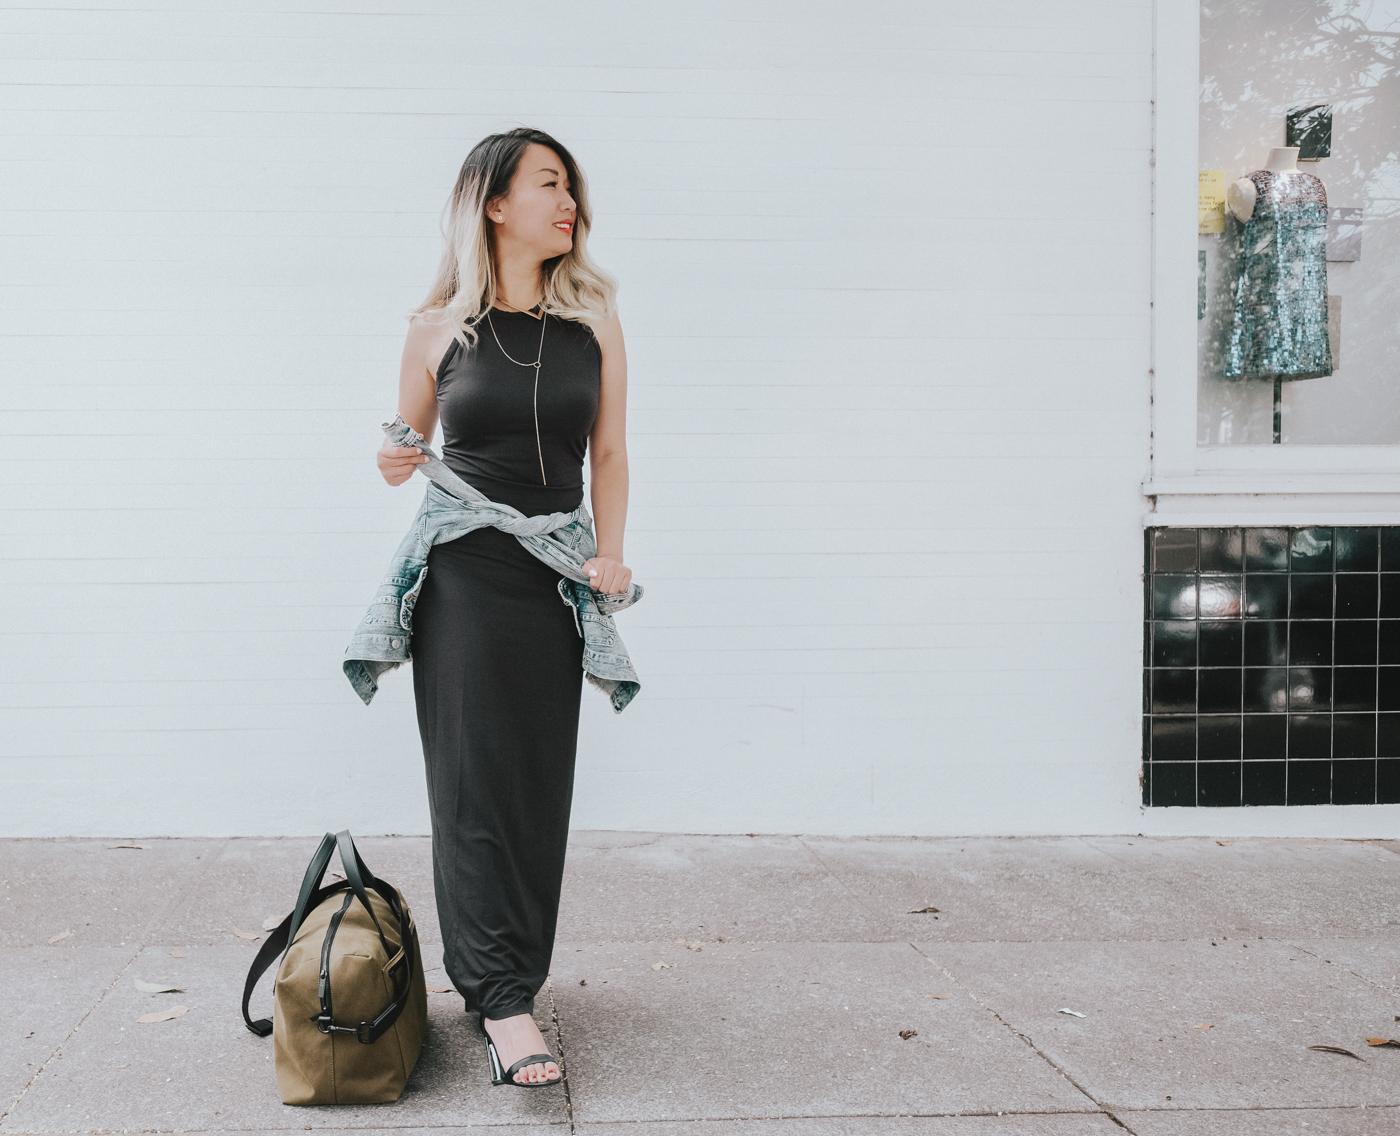 Grana Pima Racerfront Maxi Dress | The Chic Diary